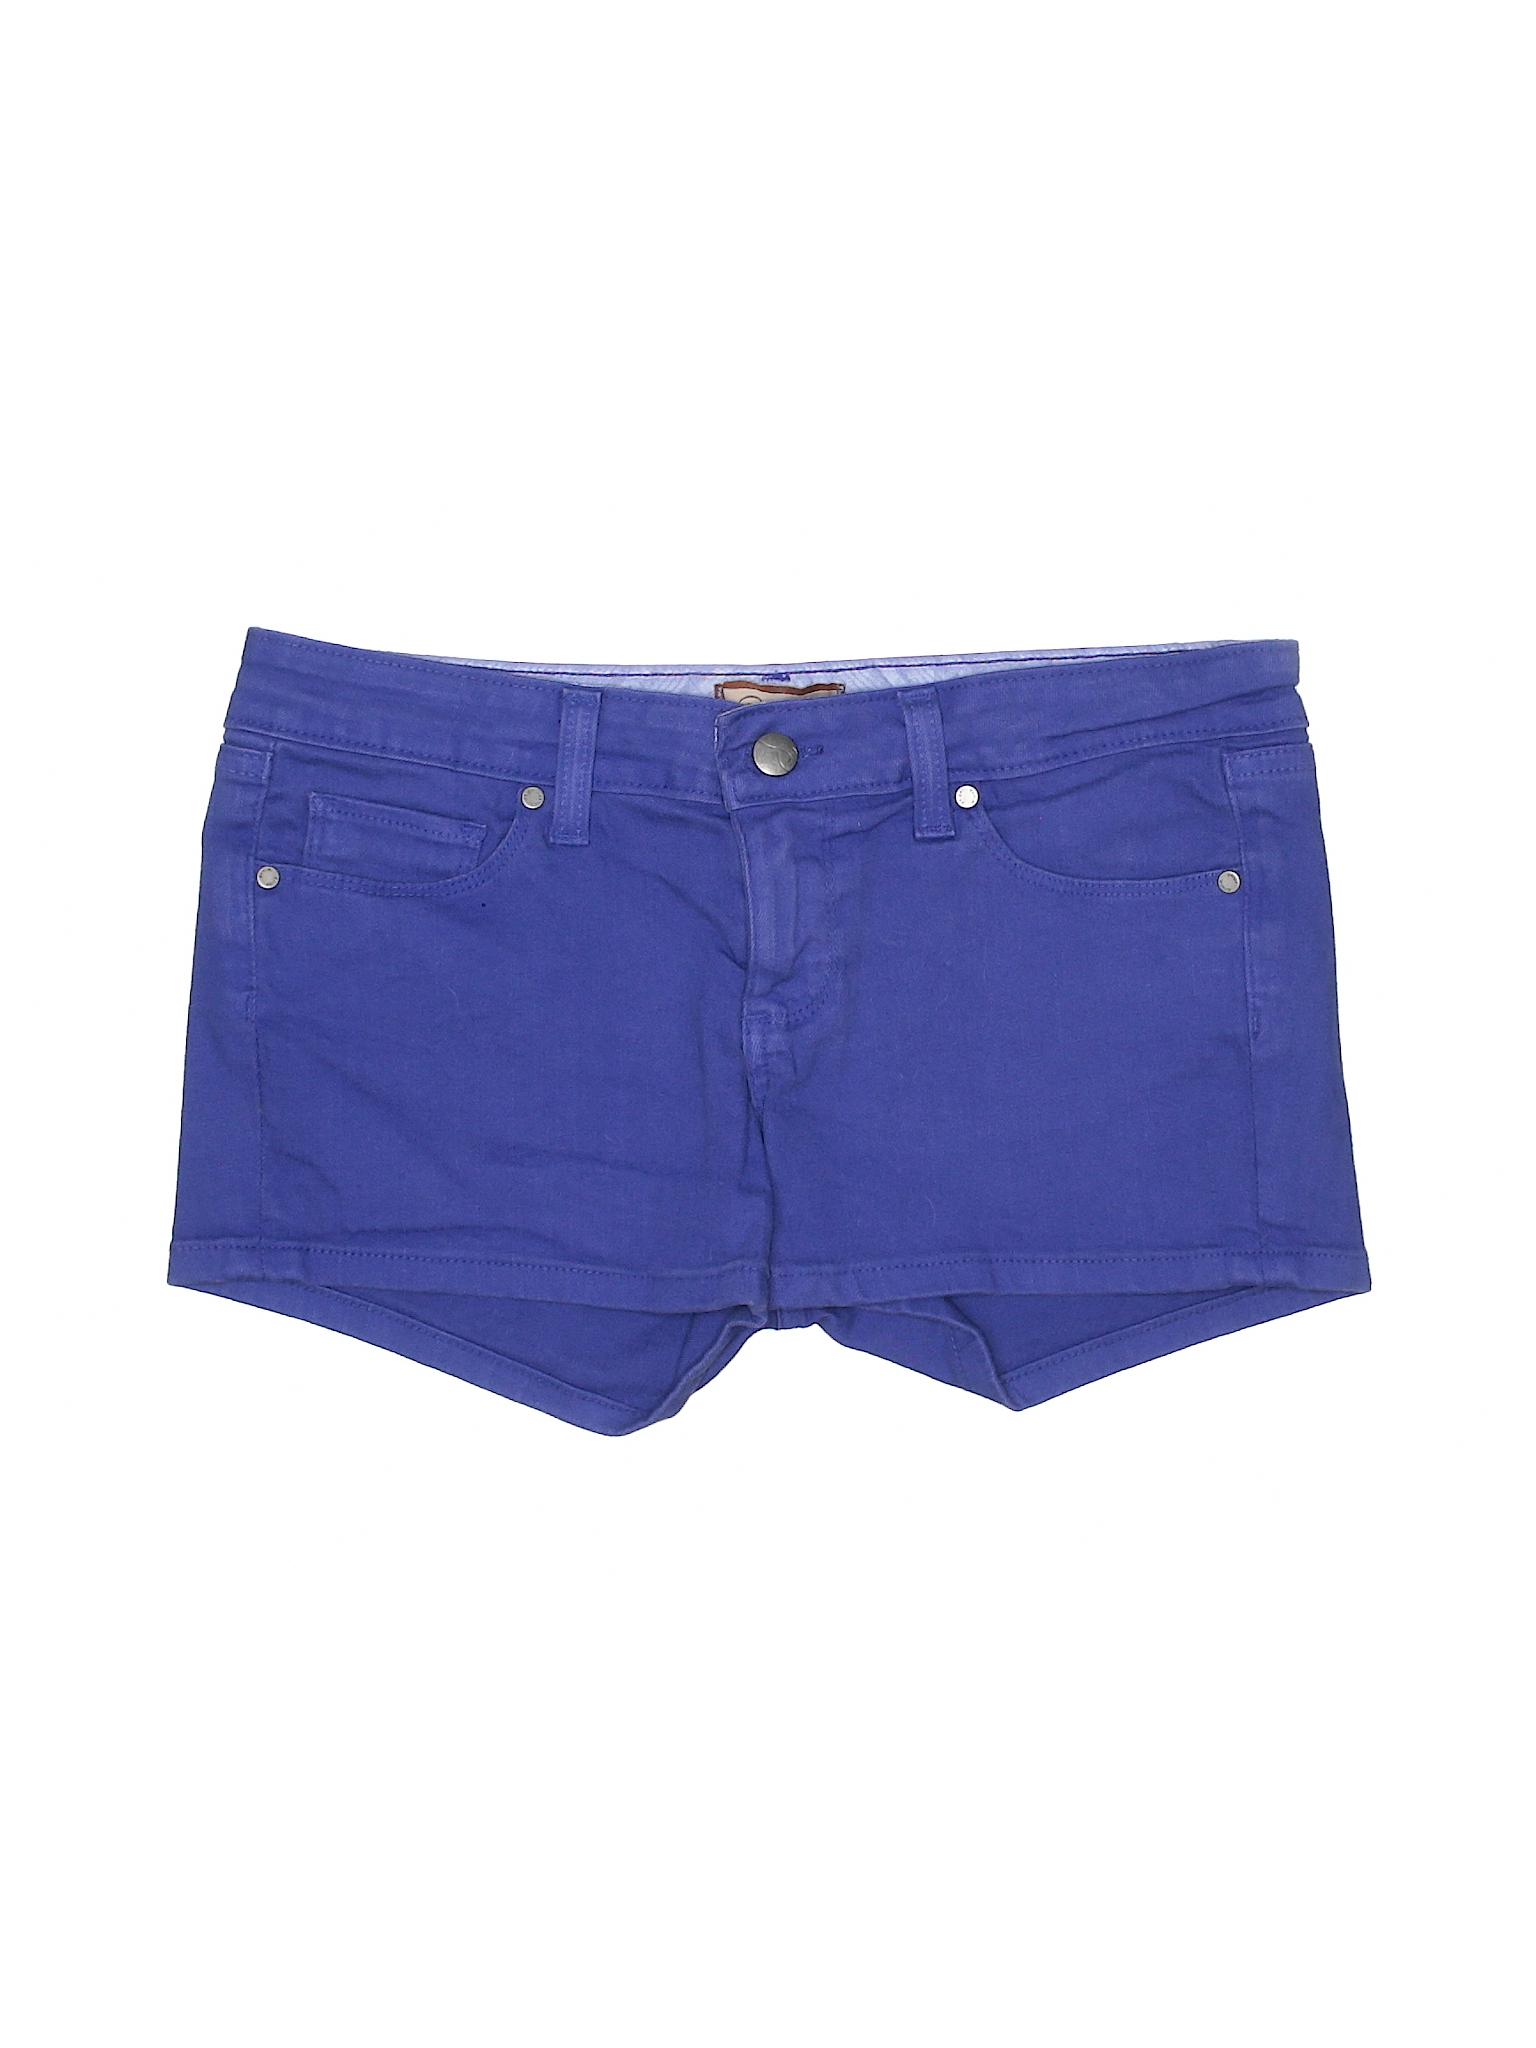 Shorts leisure Boutique Denim Paige leisure Boutique YqBXZ6